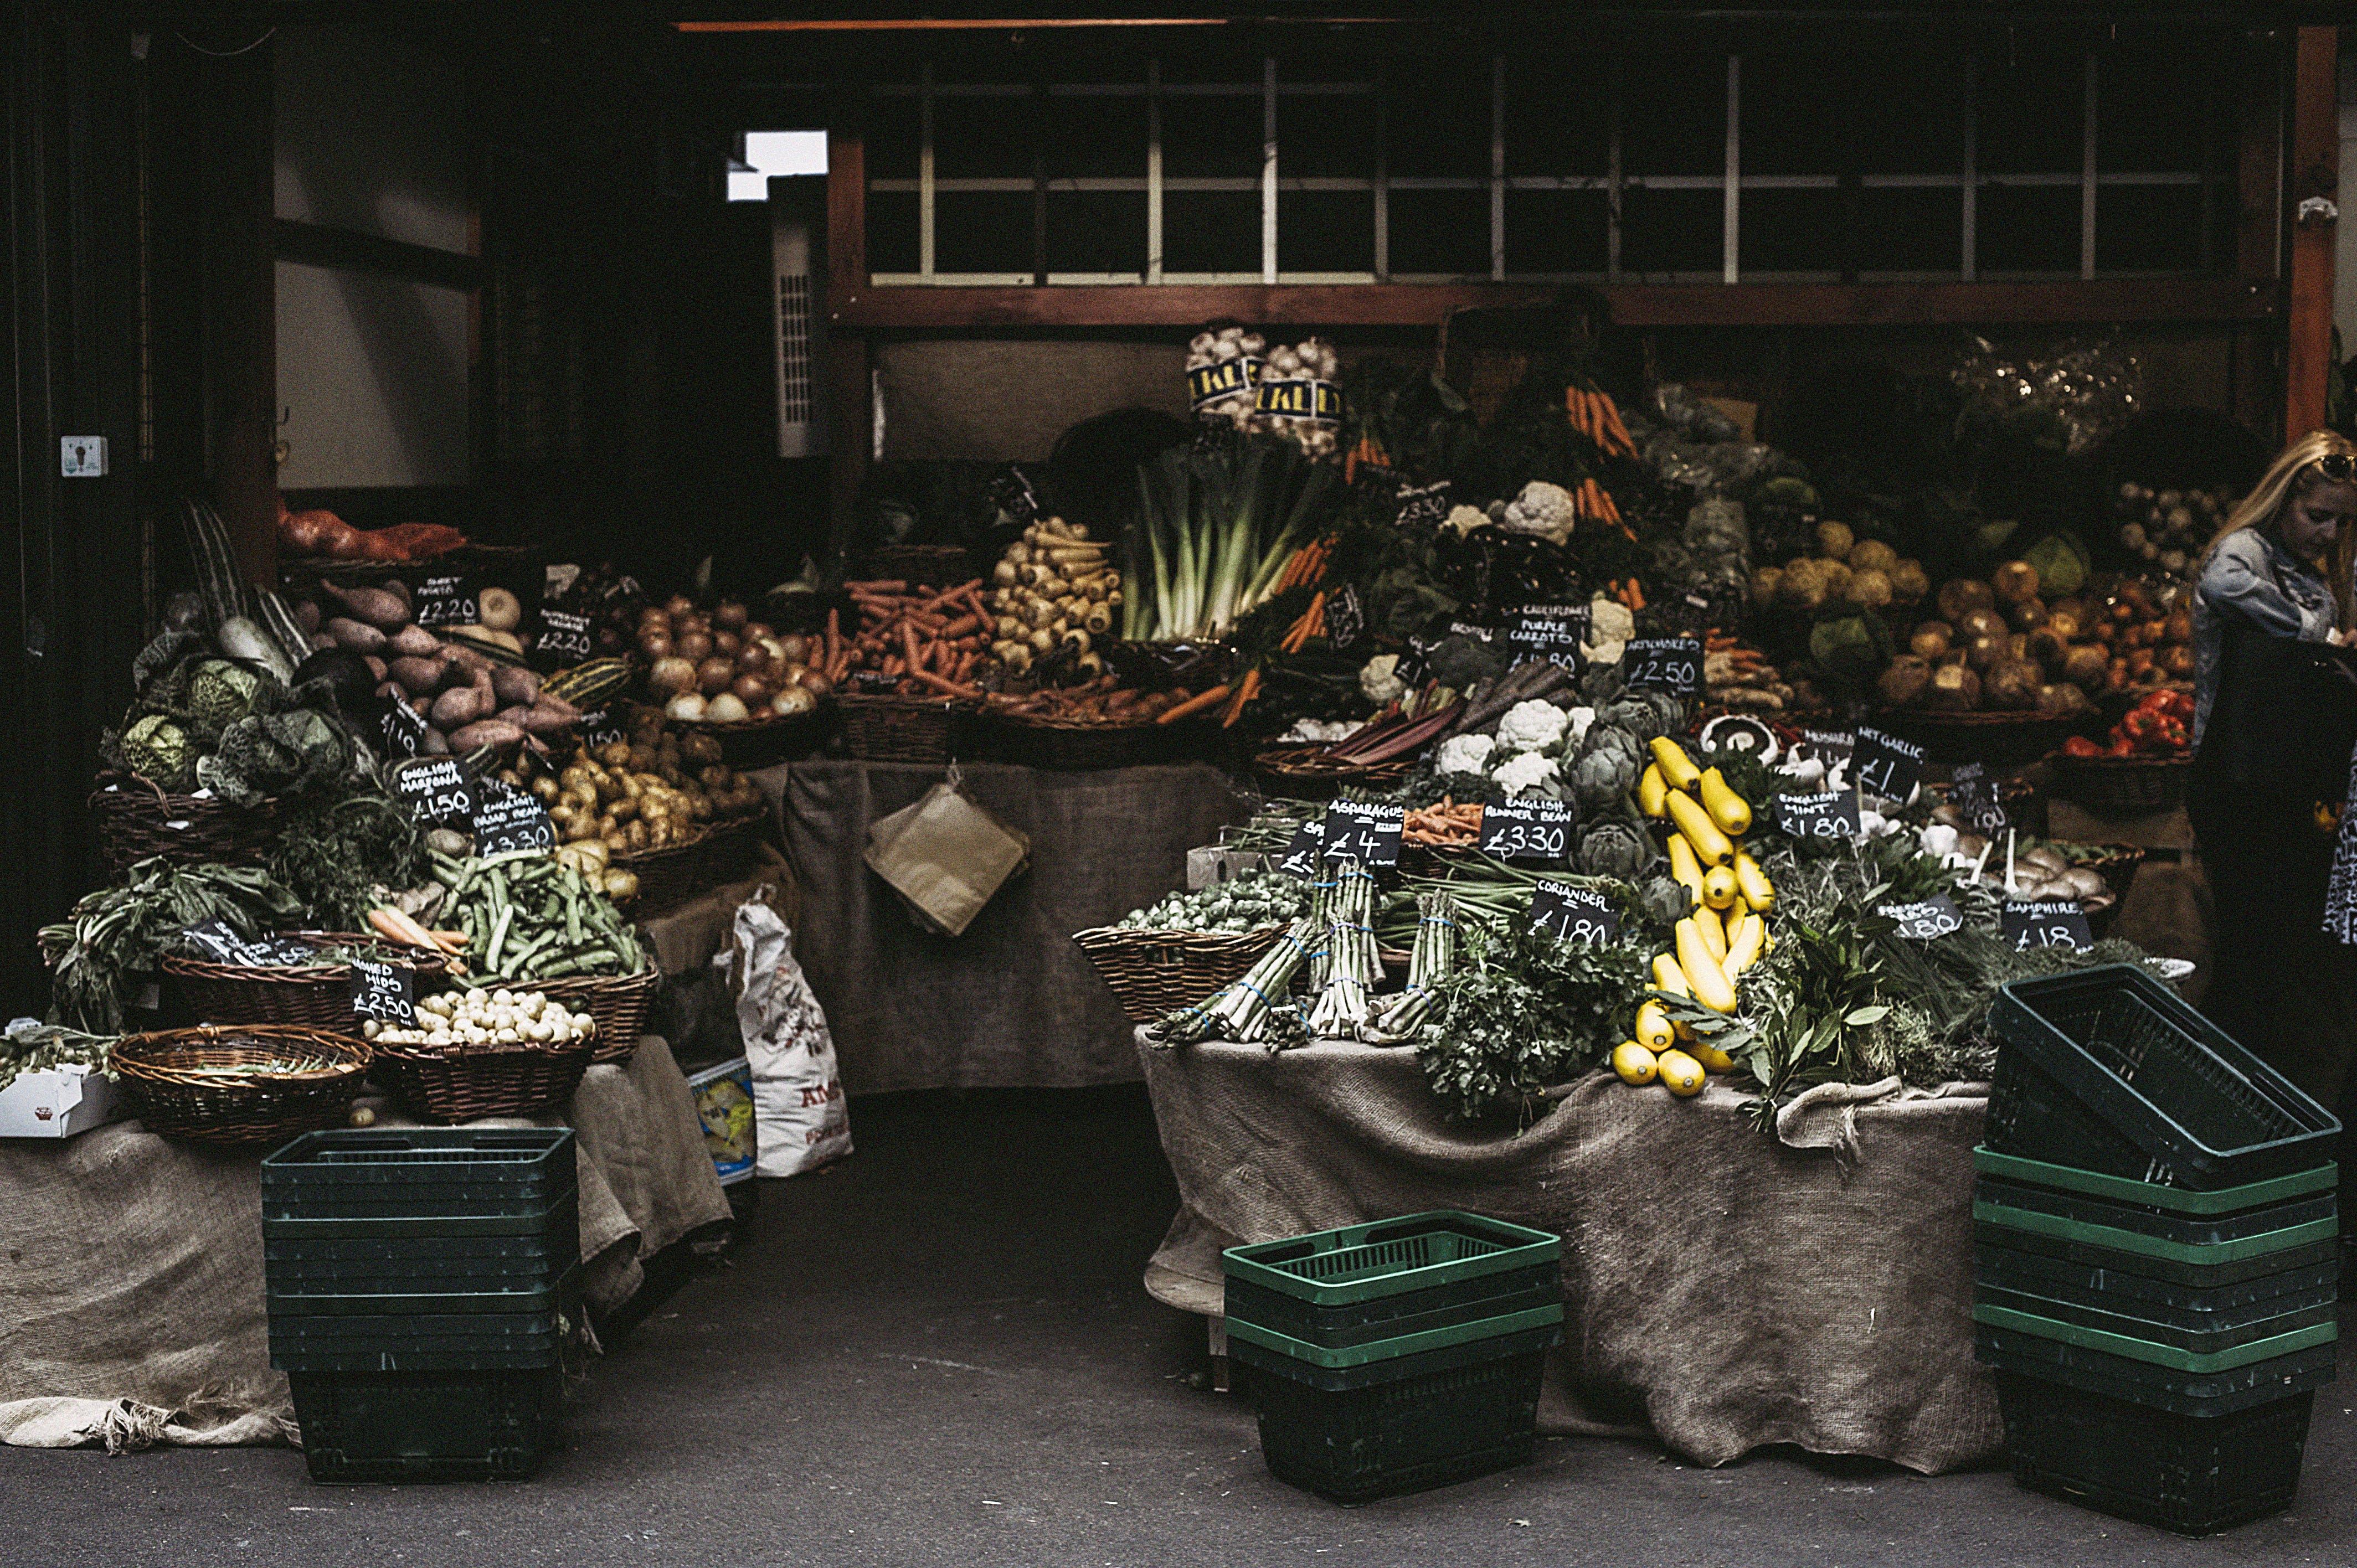 Kostenloses Stock Foto zu gemüse, geschäft, markt, stall